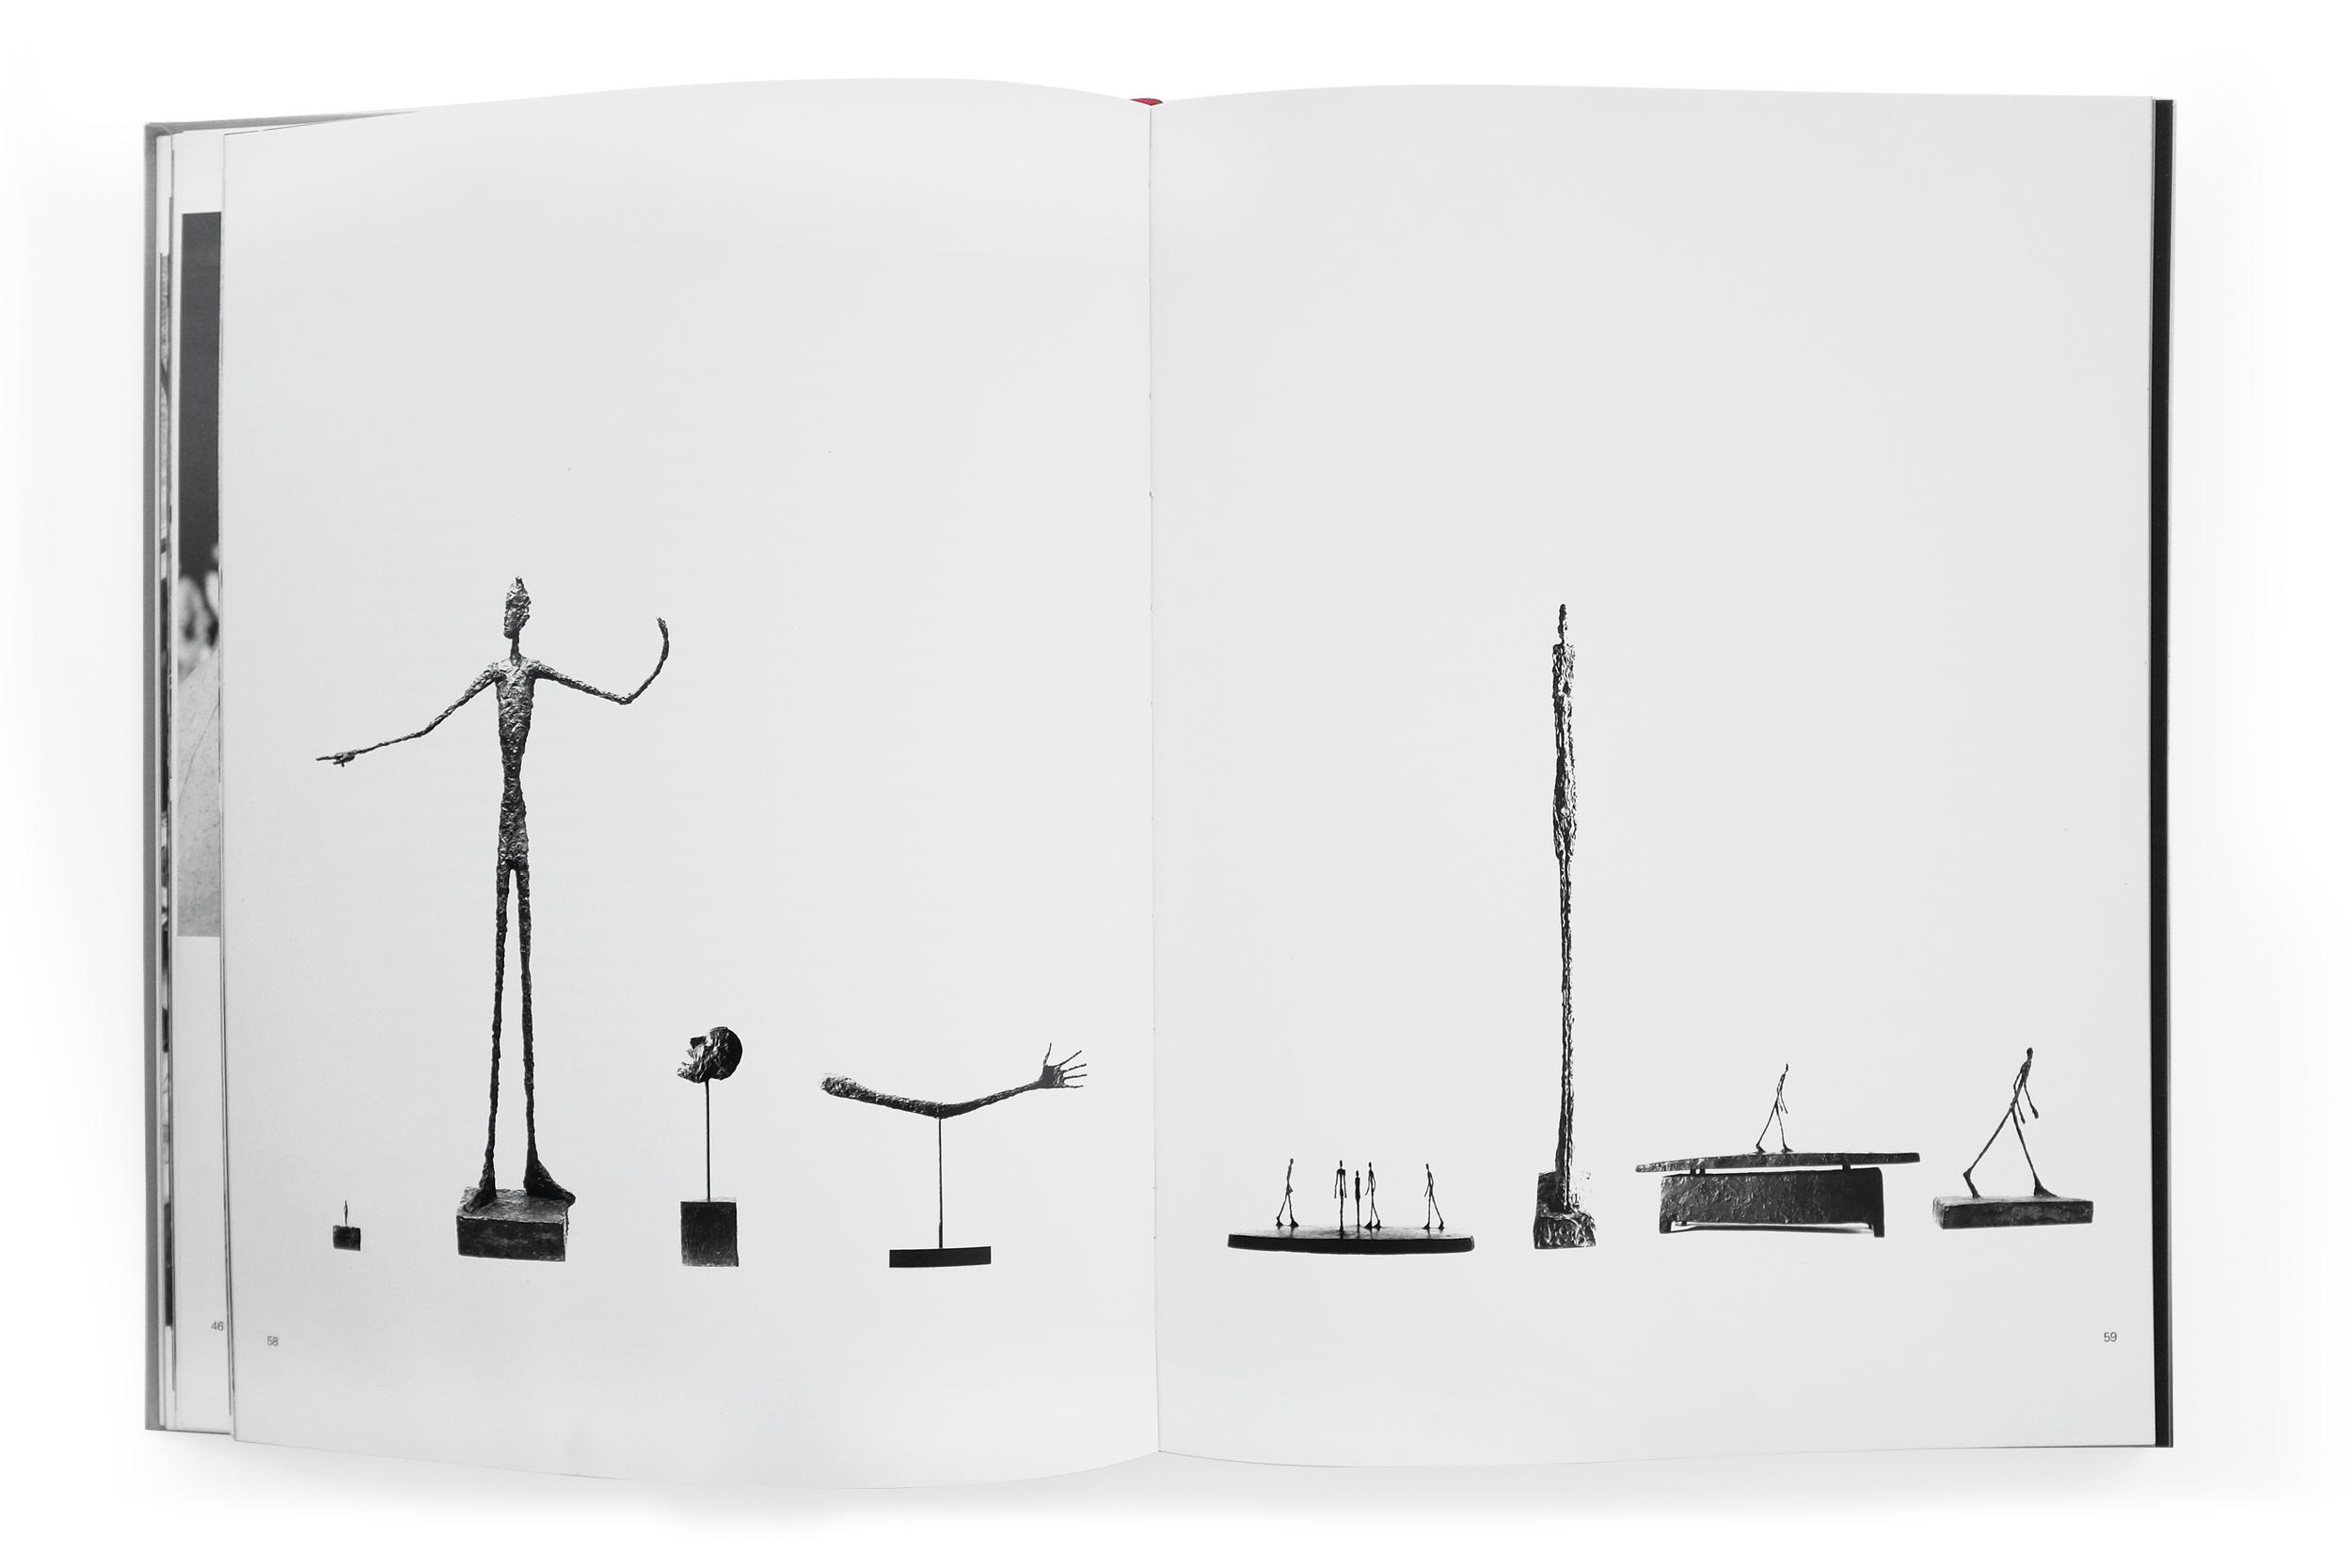 giacometti_book17.jpg